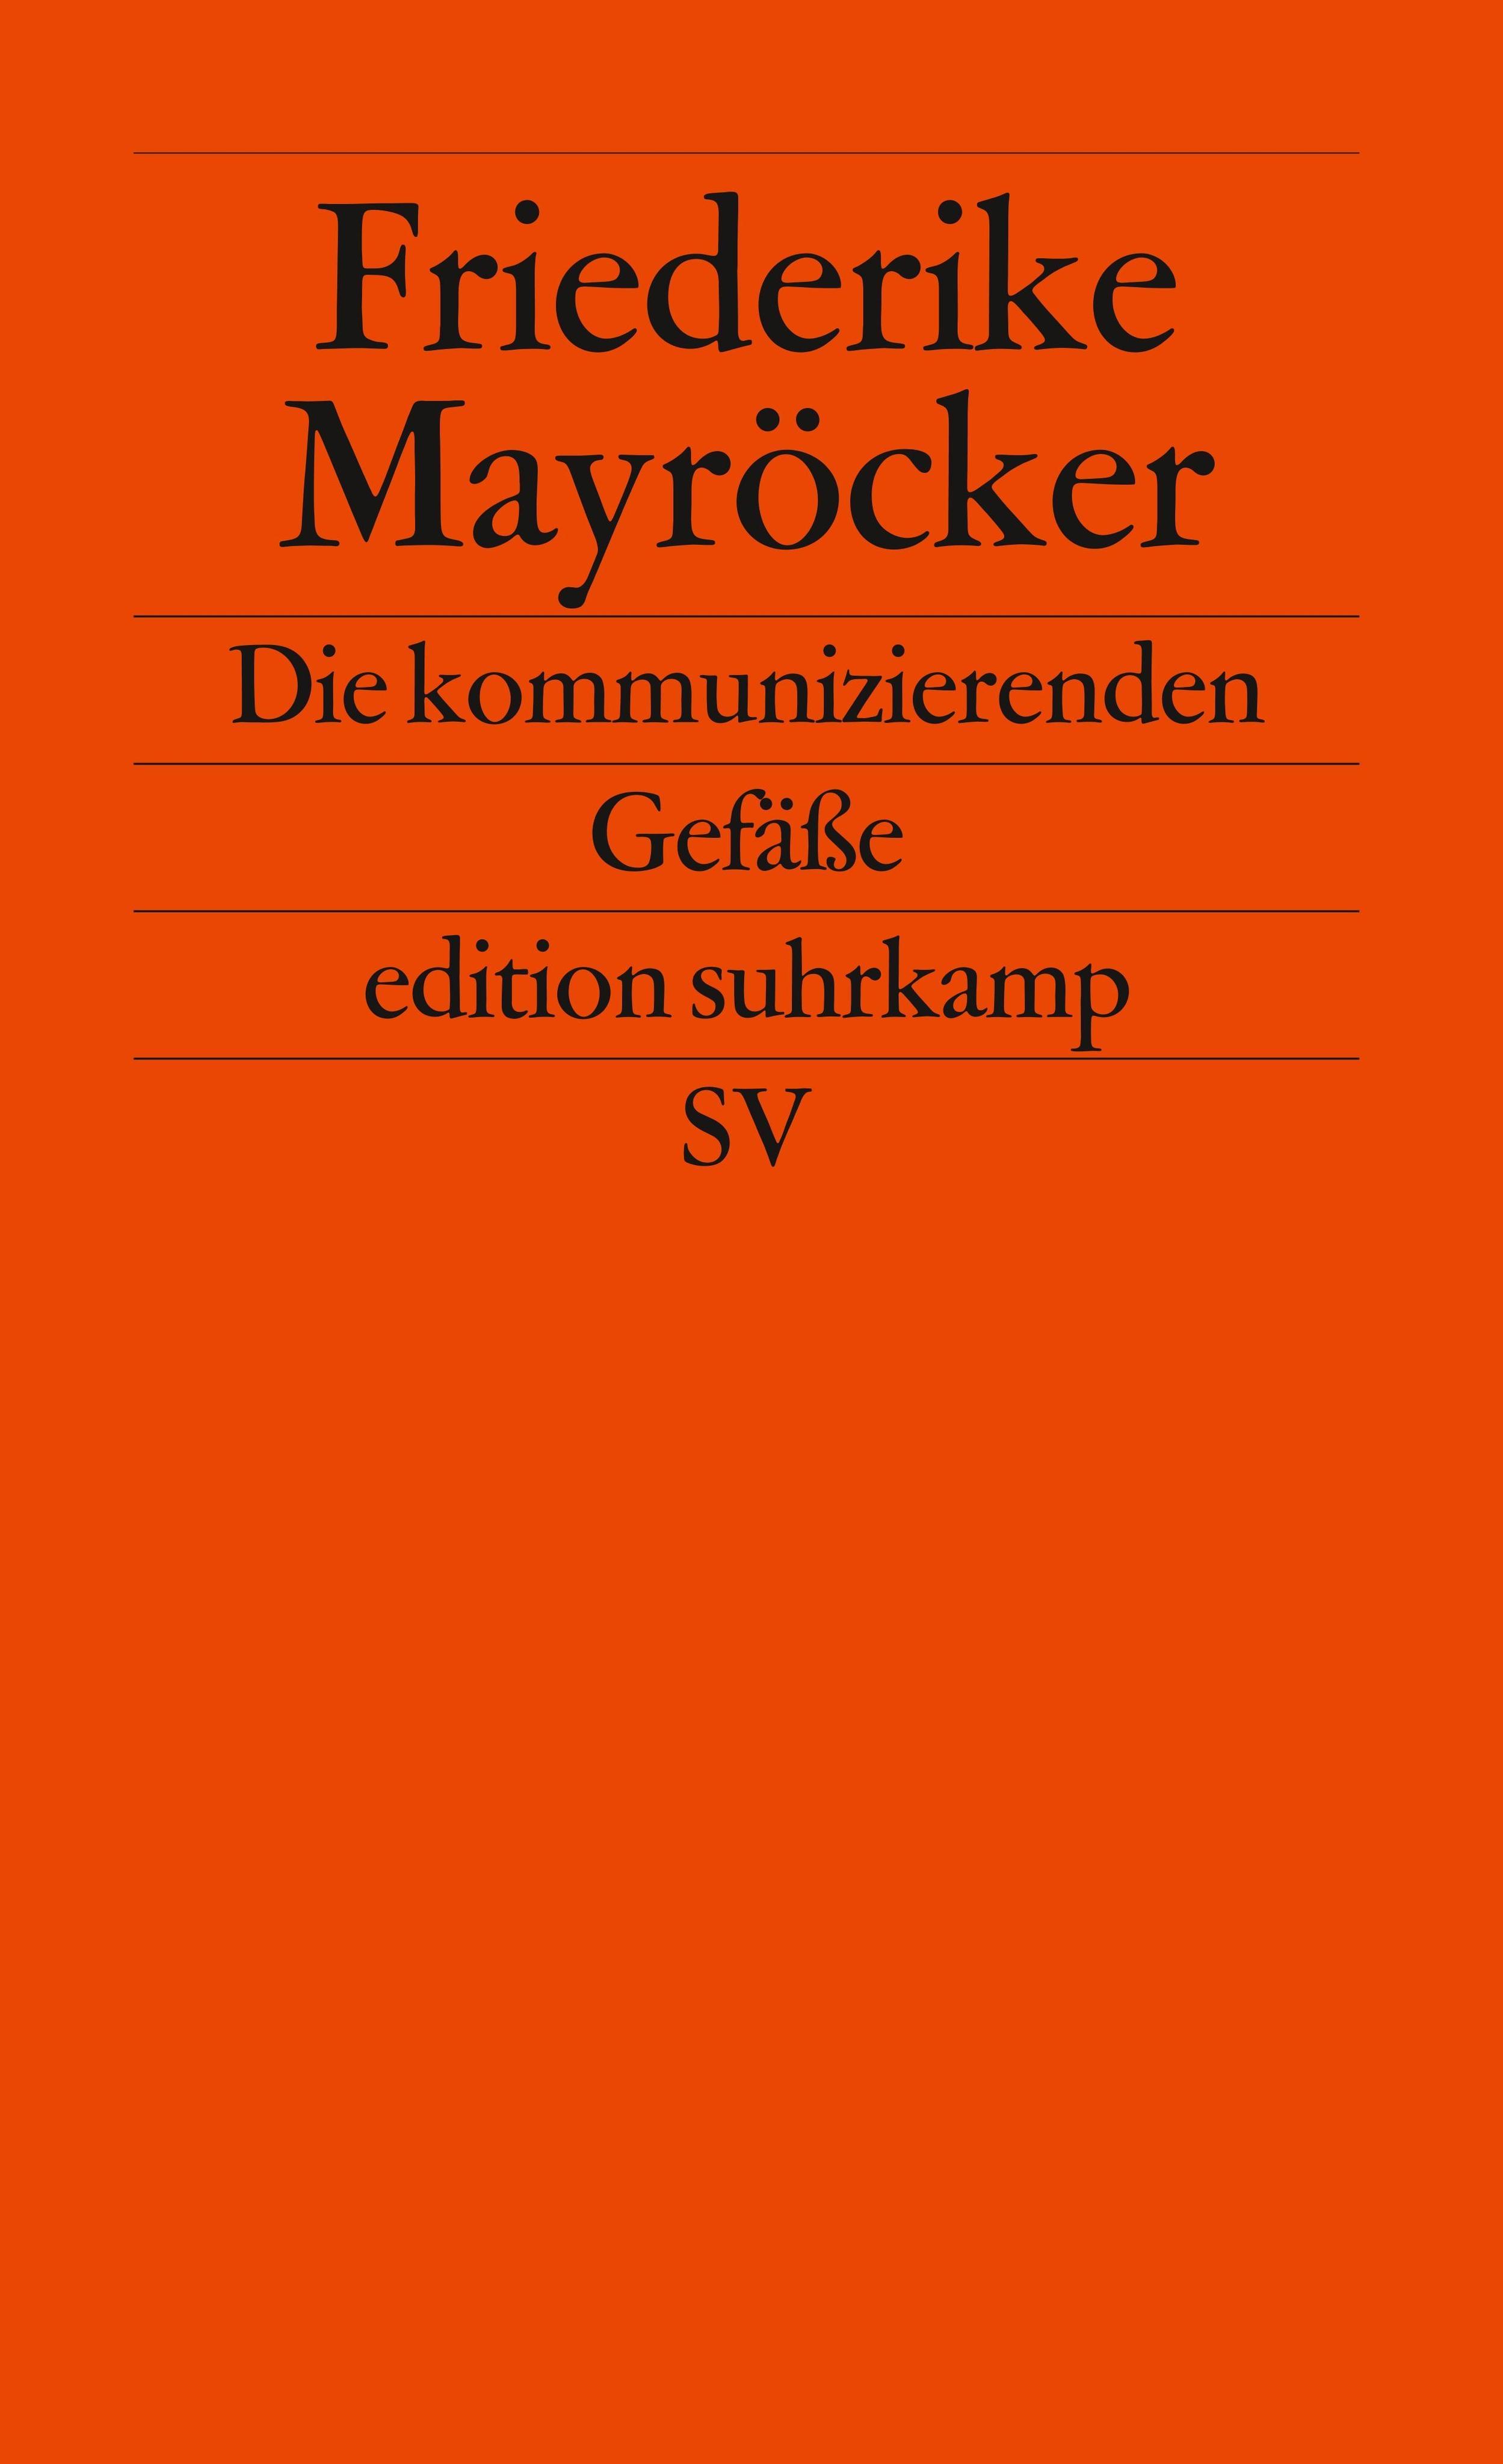 Die-kommunizierenden-Gefaesse-Friederike-Mayroecker